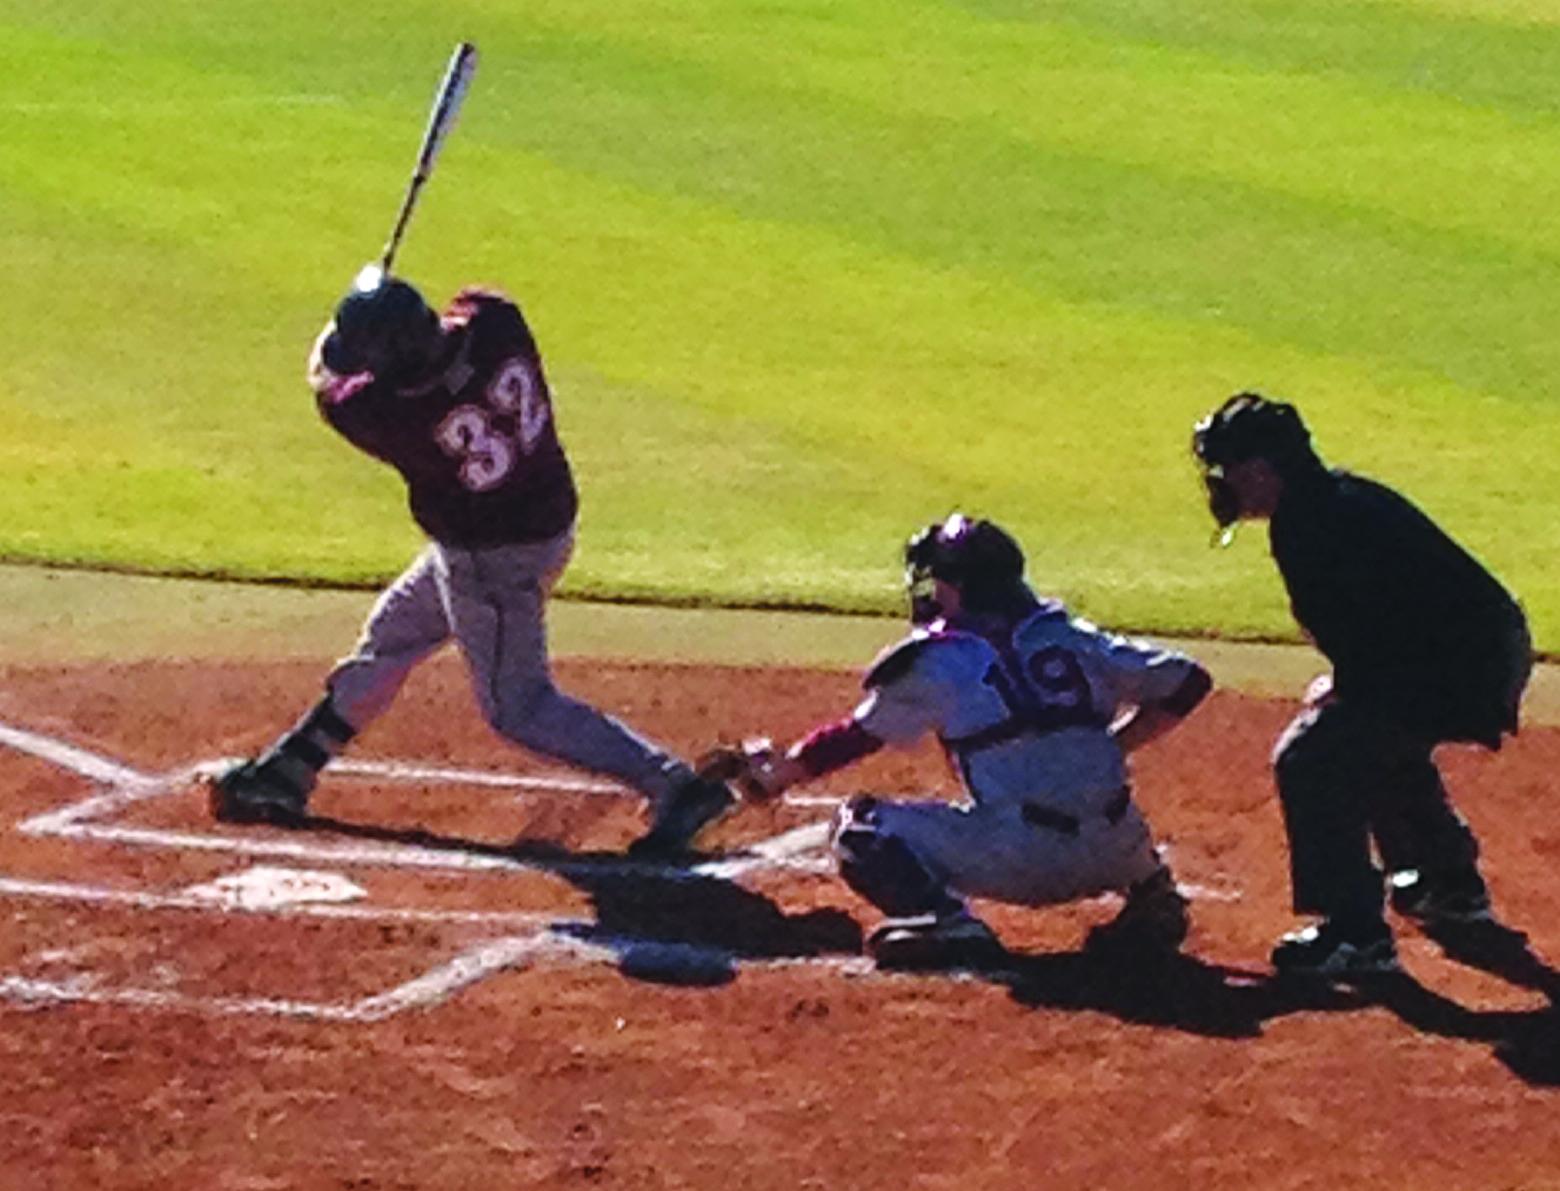 #32 RJ Dennard at bat